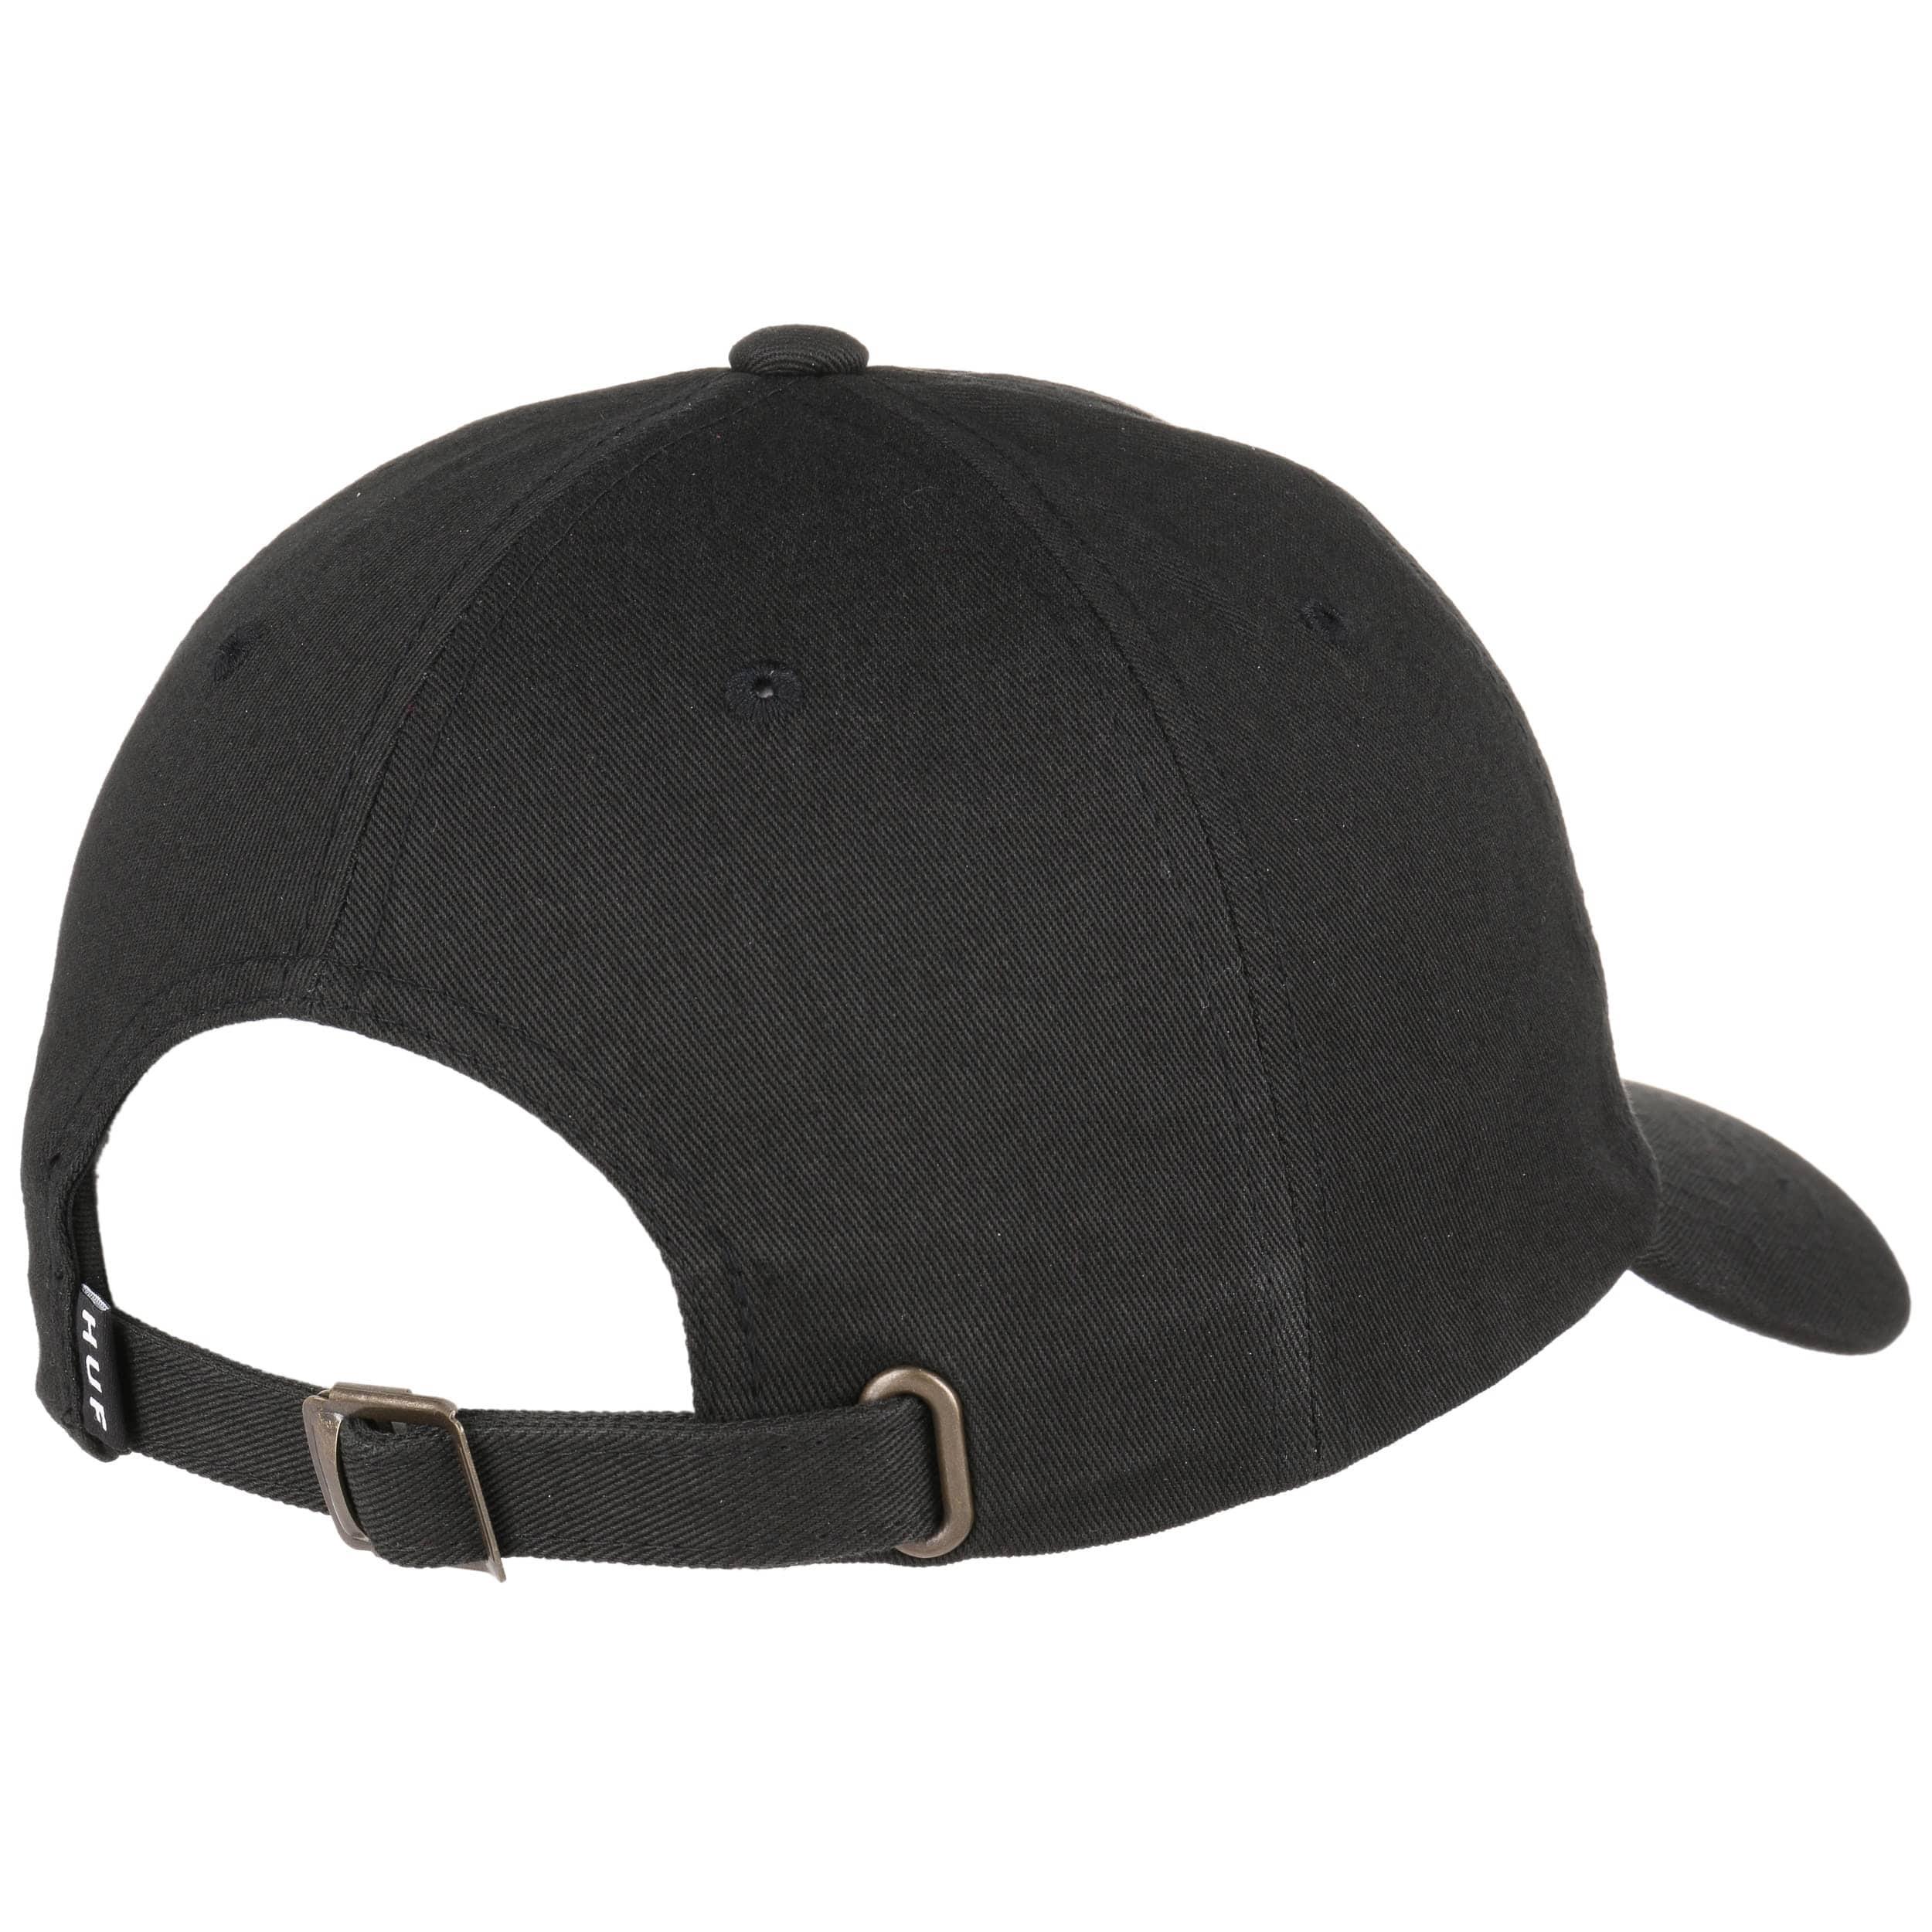 ... Domestic Box Logo Strapback Cap by HUF - black 1 ... 9dff8ecd41e